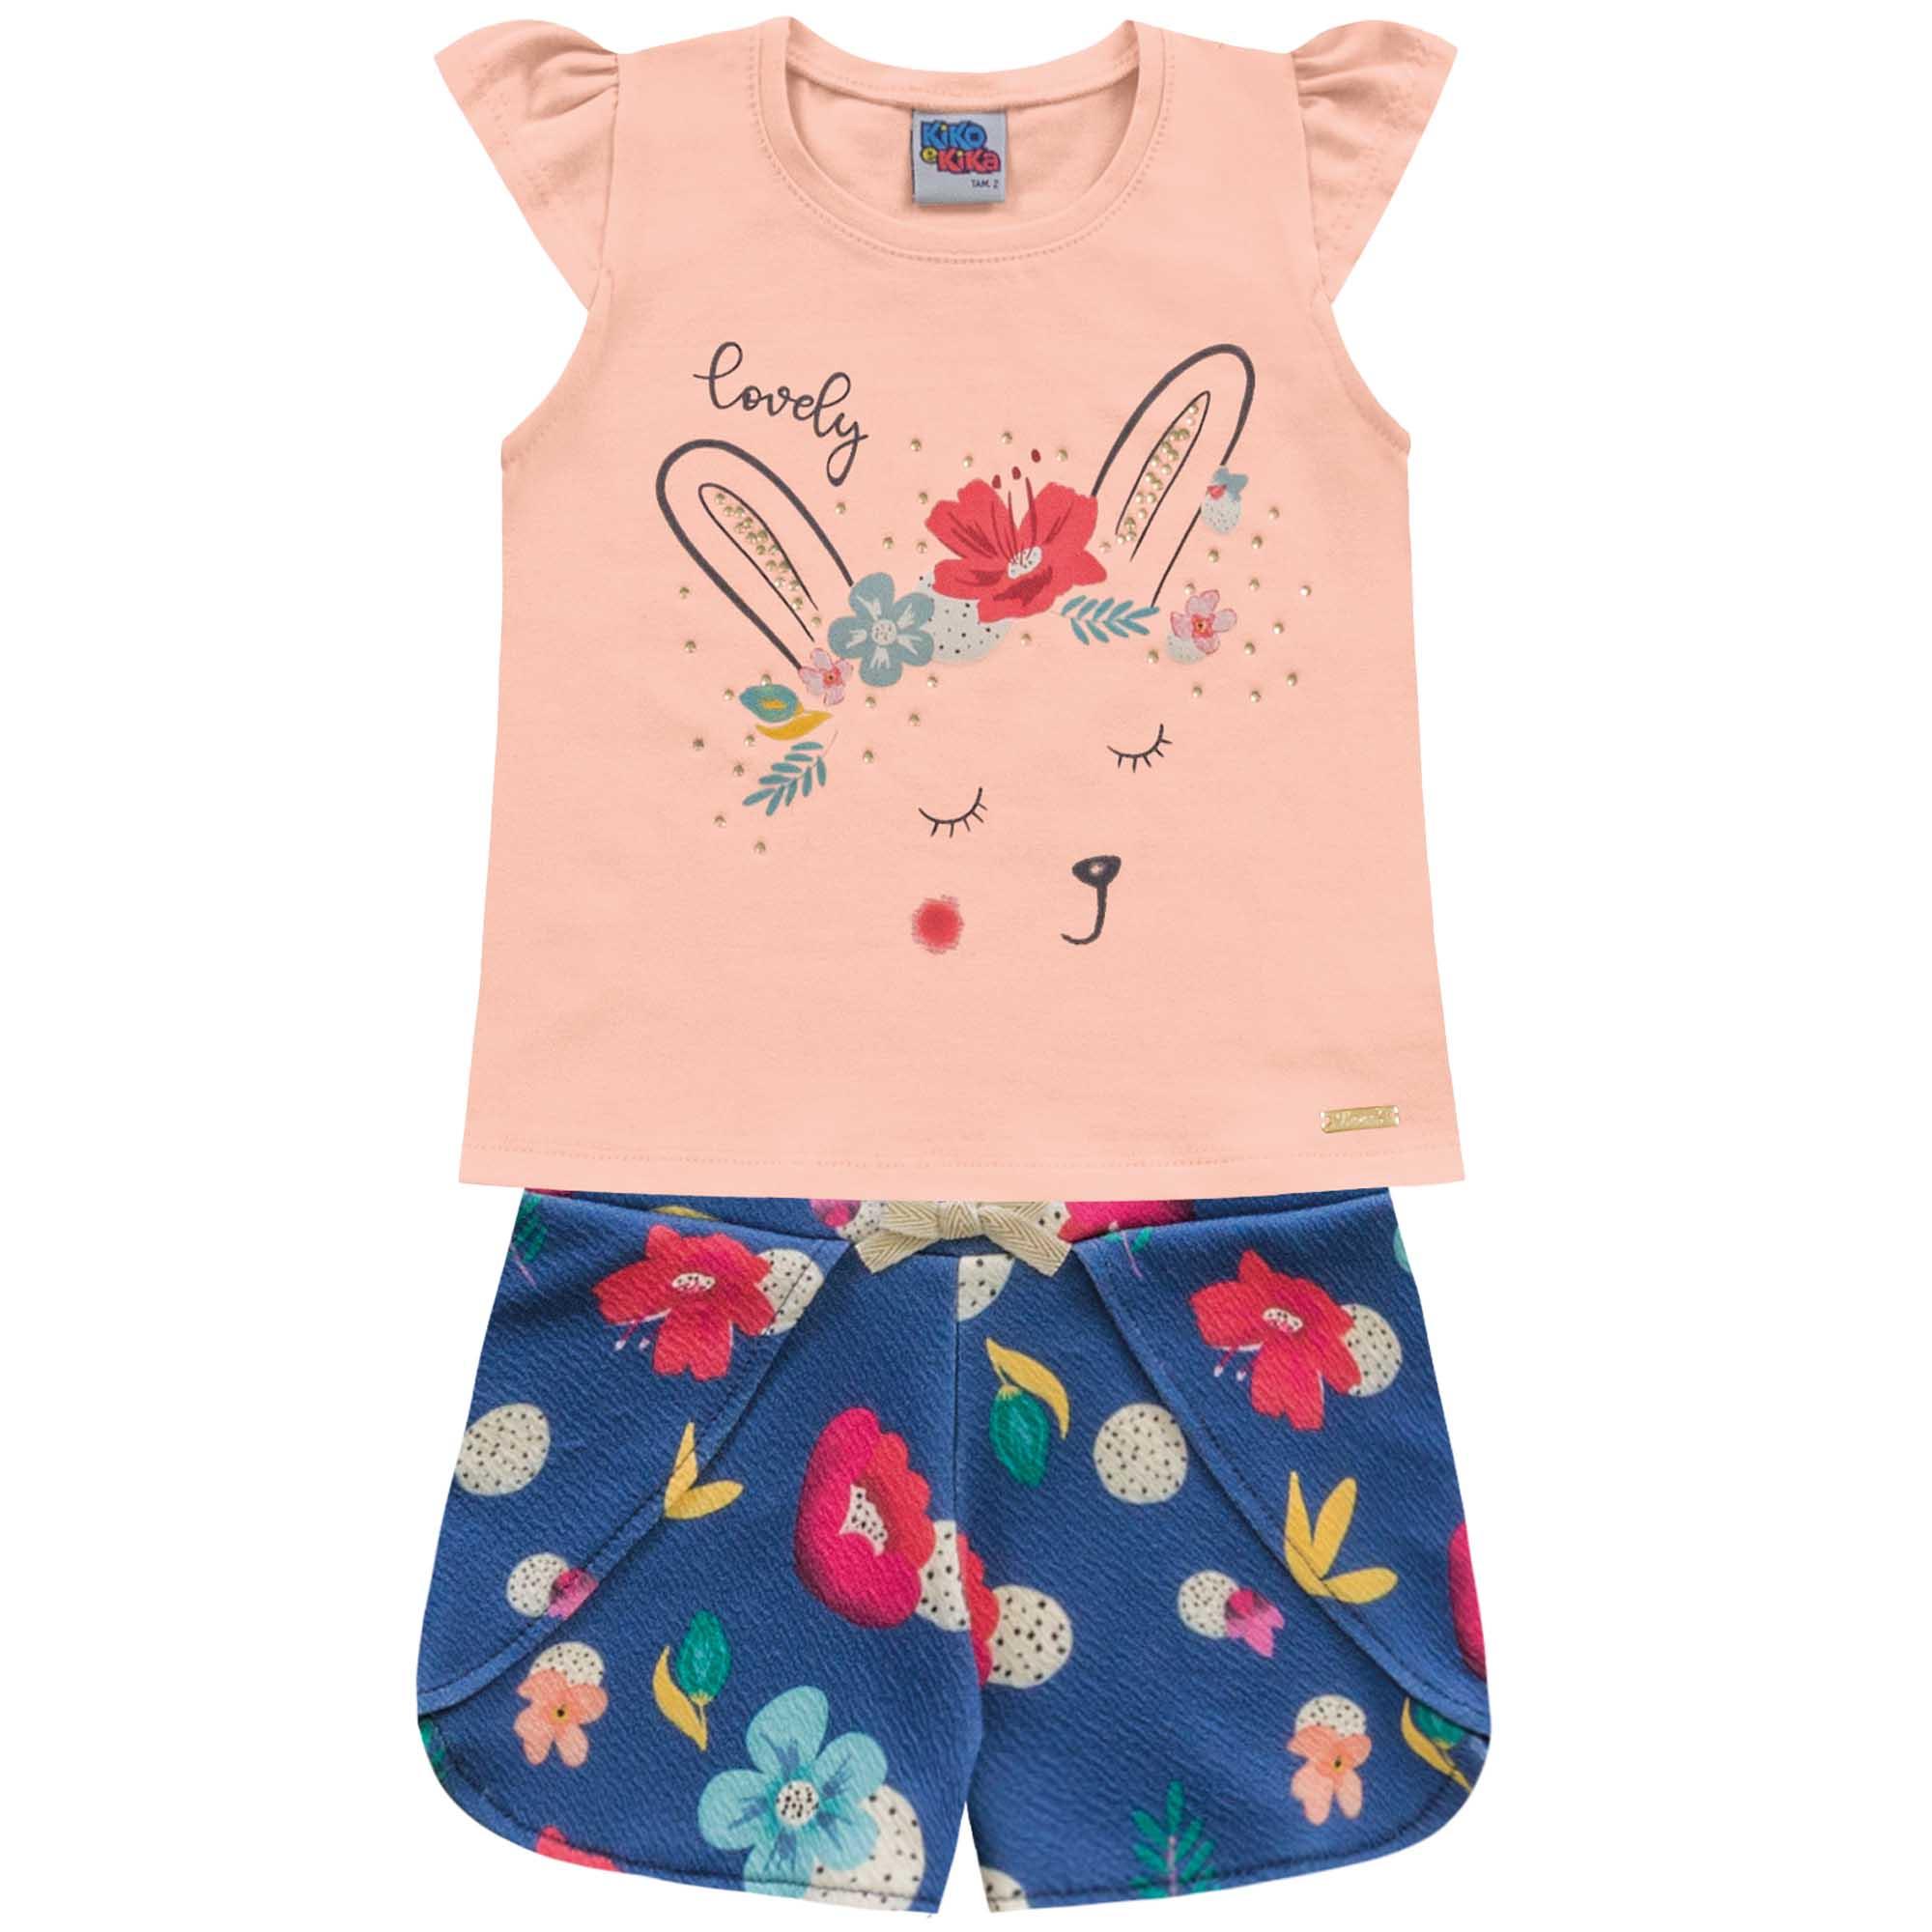 Conjunto Verão Kiko e Kika Blusa Estampa Coelha e Shorts - 1 ao 3